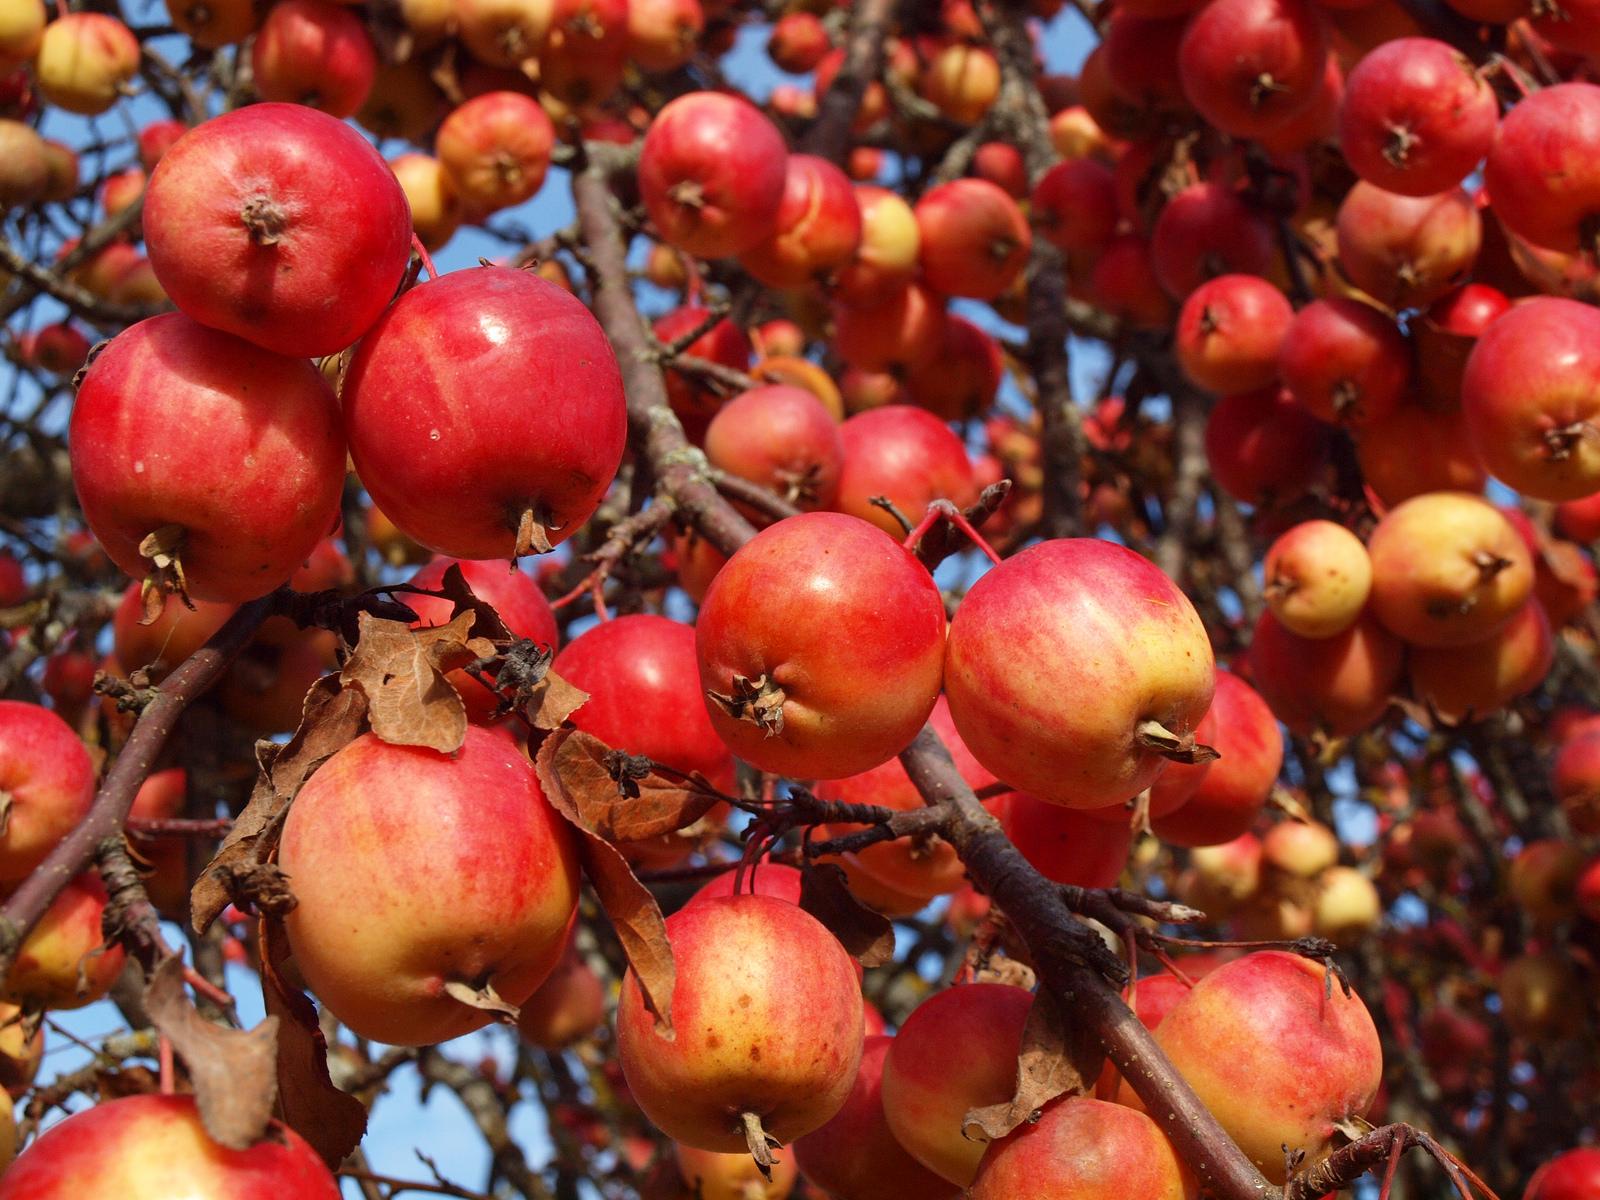 ▲ 蘋果的寓意和顏色都很適合過年送禮。